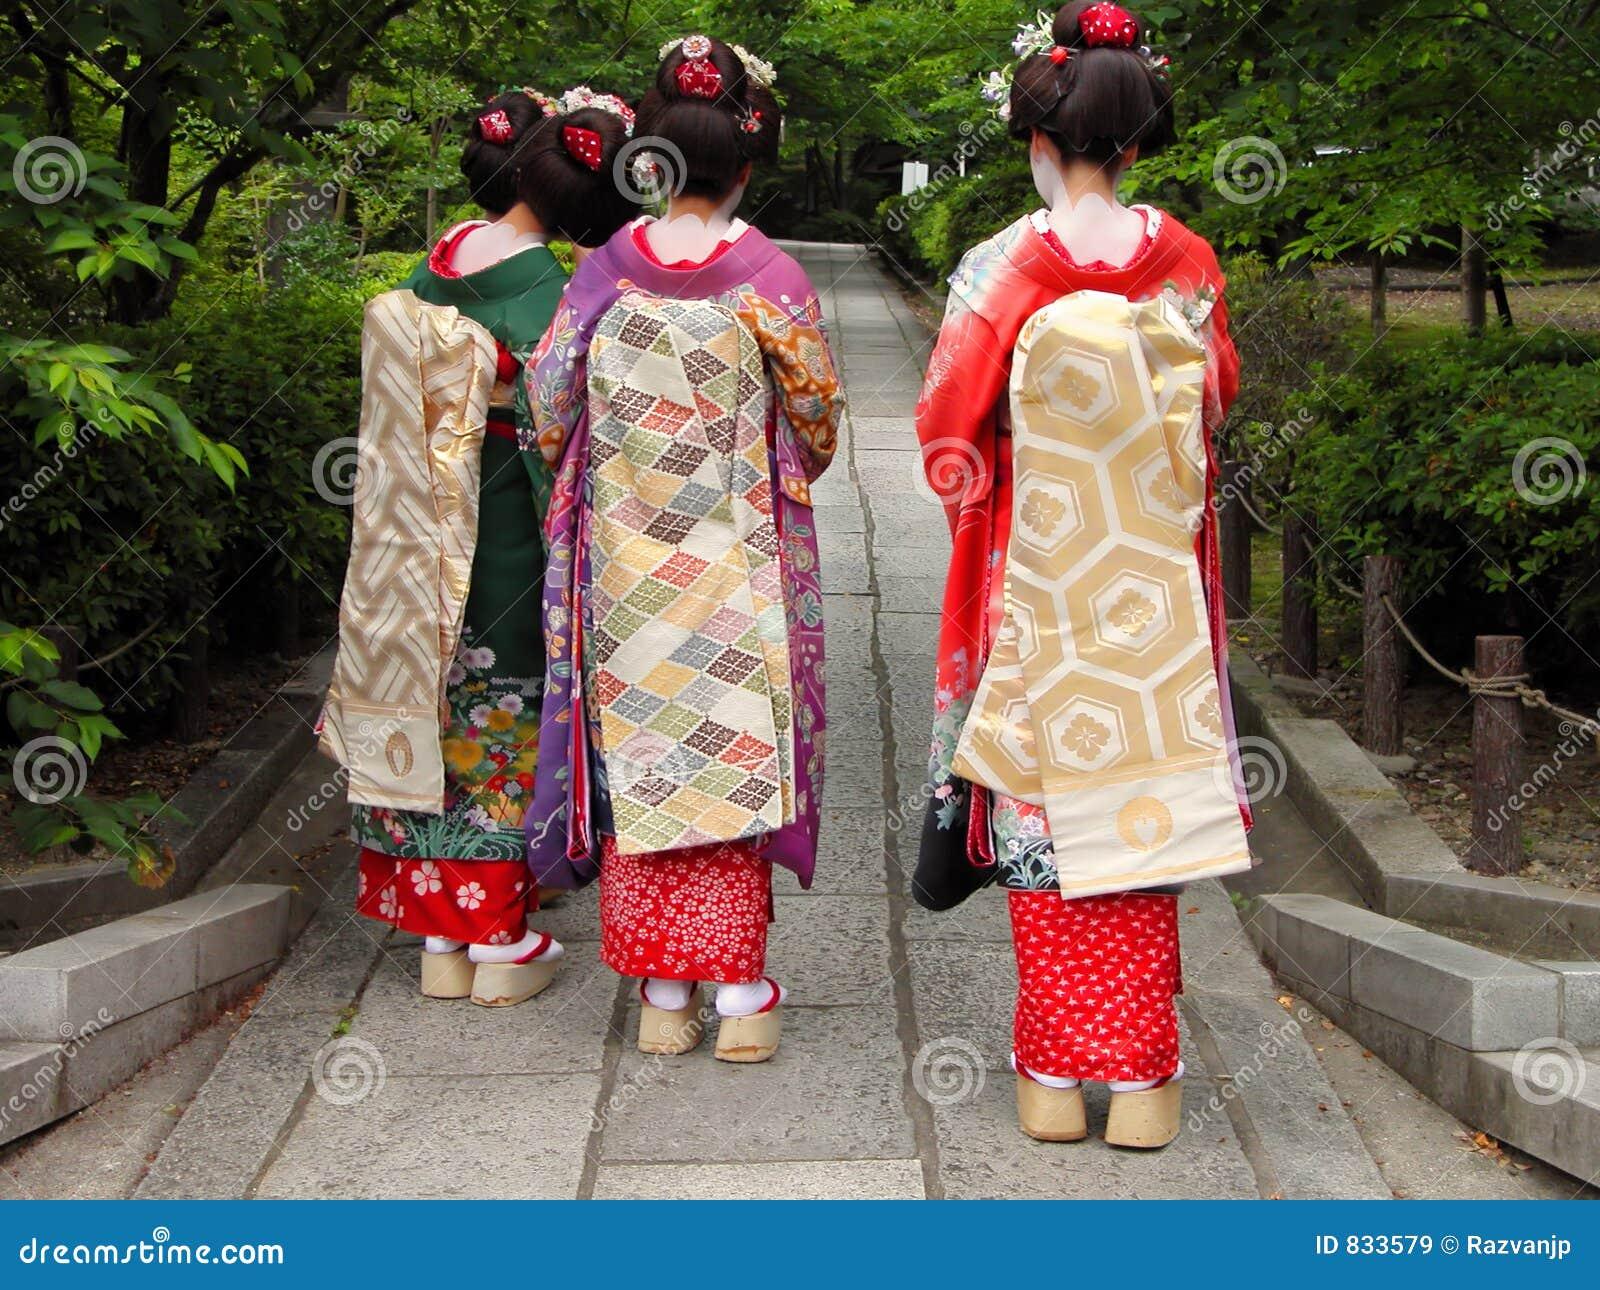 Three geisha